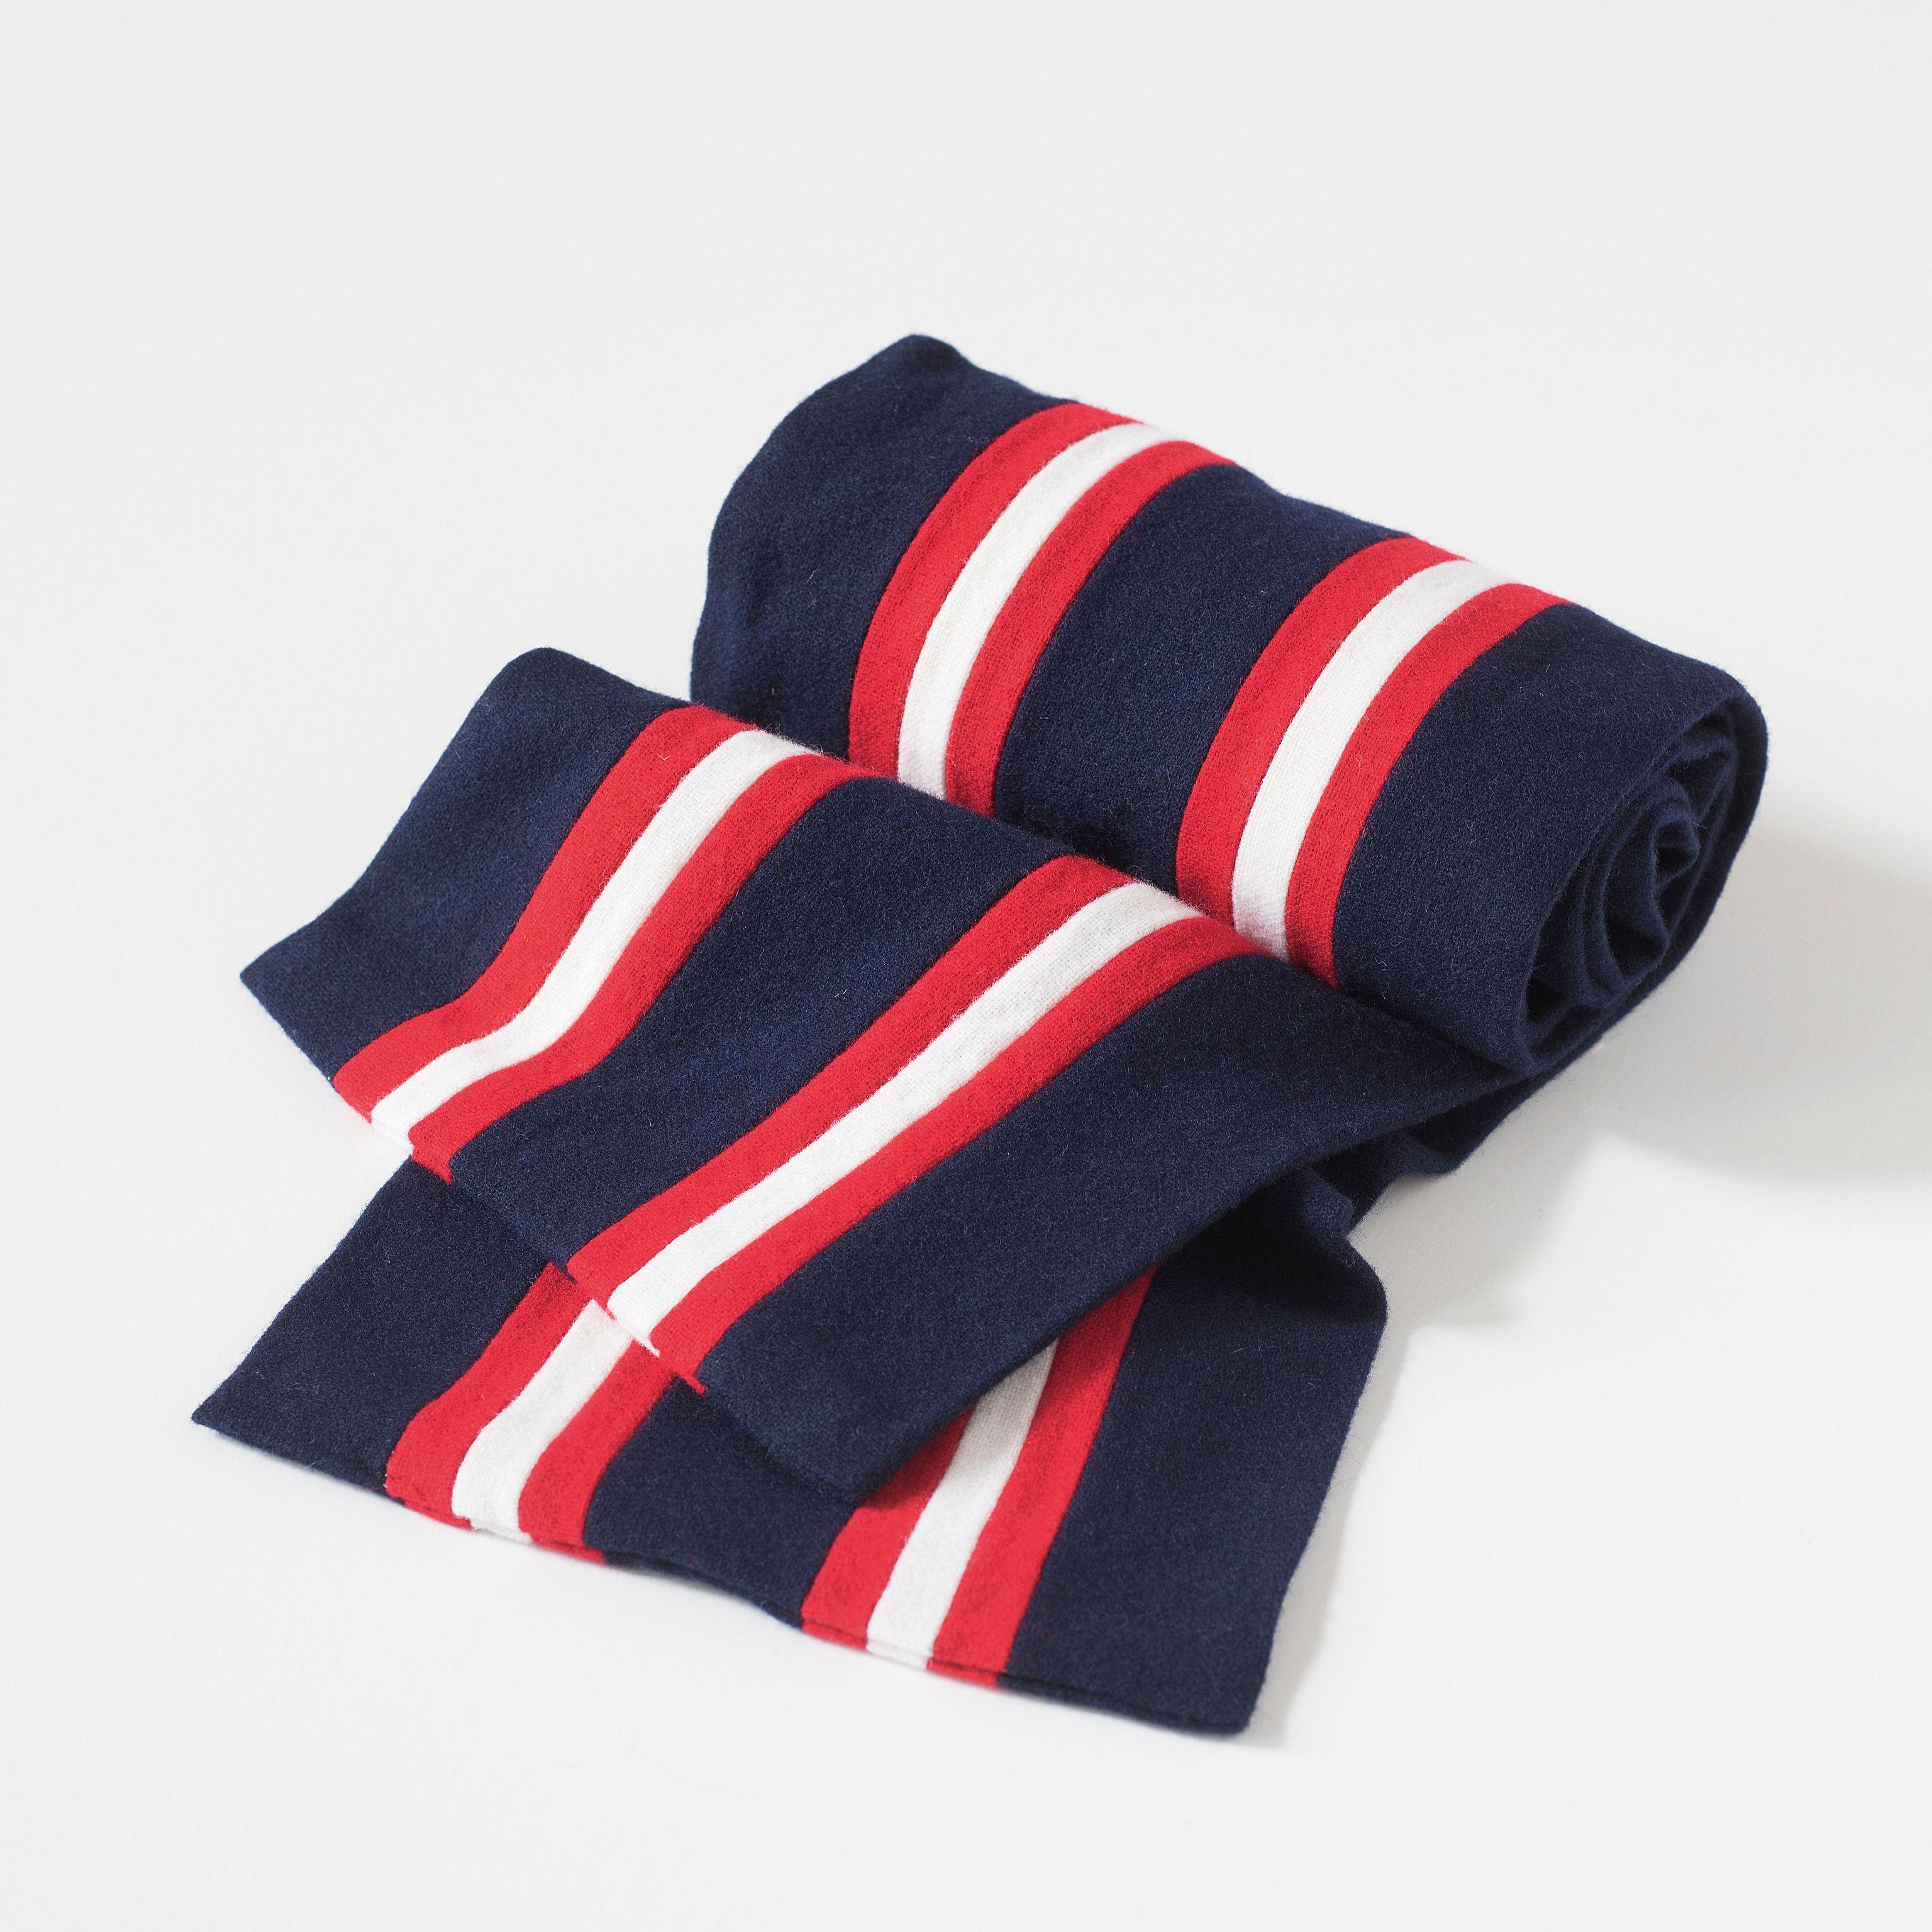 Englischer College Schal Blau Mit Rot-Weißen Streifen Bei